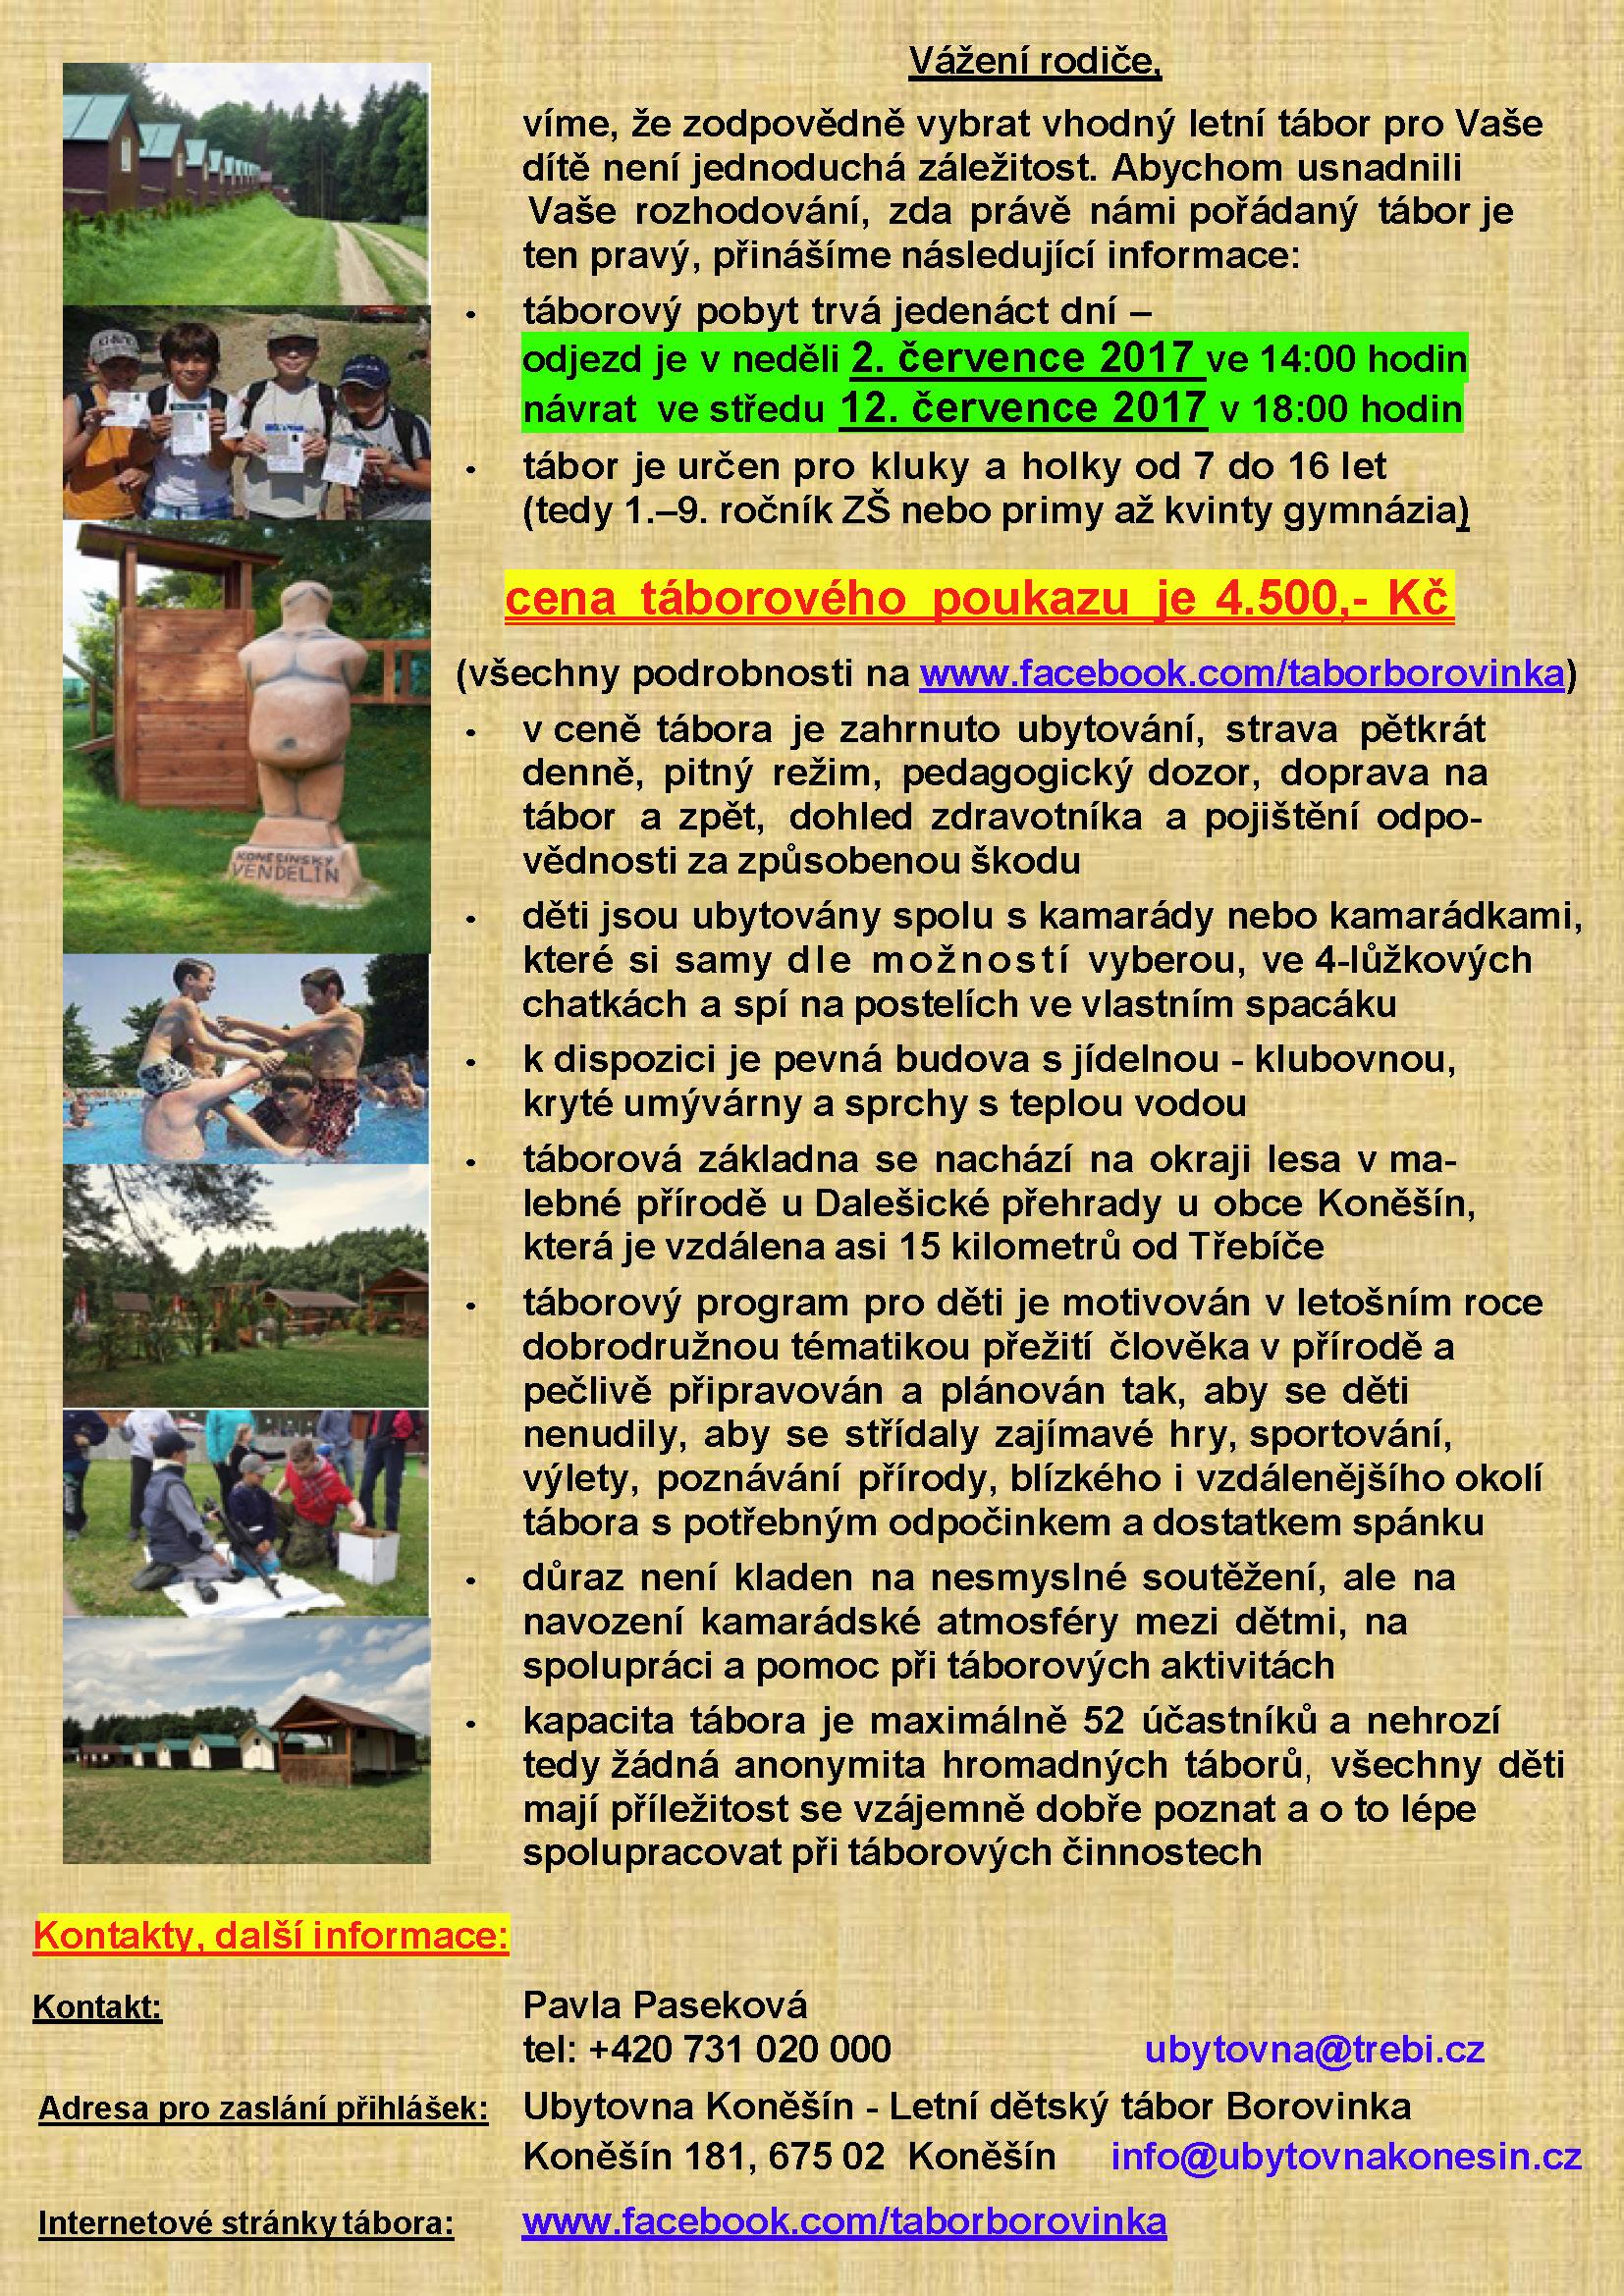 2017-letni-detsky-tabor-borovinka-2